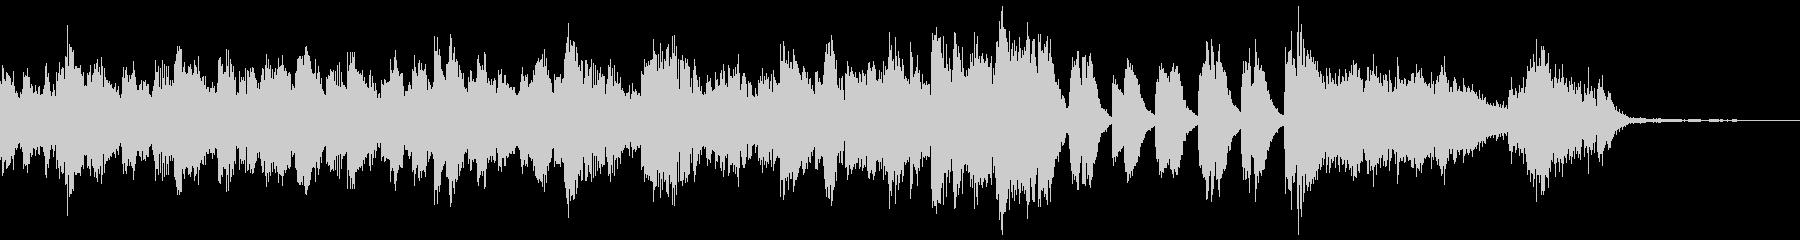 ハードでブルージーなジングル(ピアノ)の未再生の波形